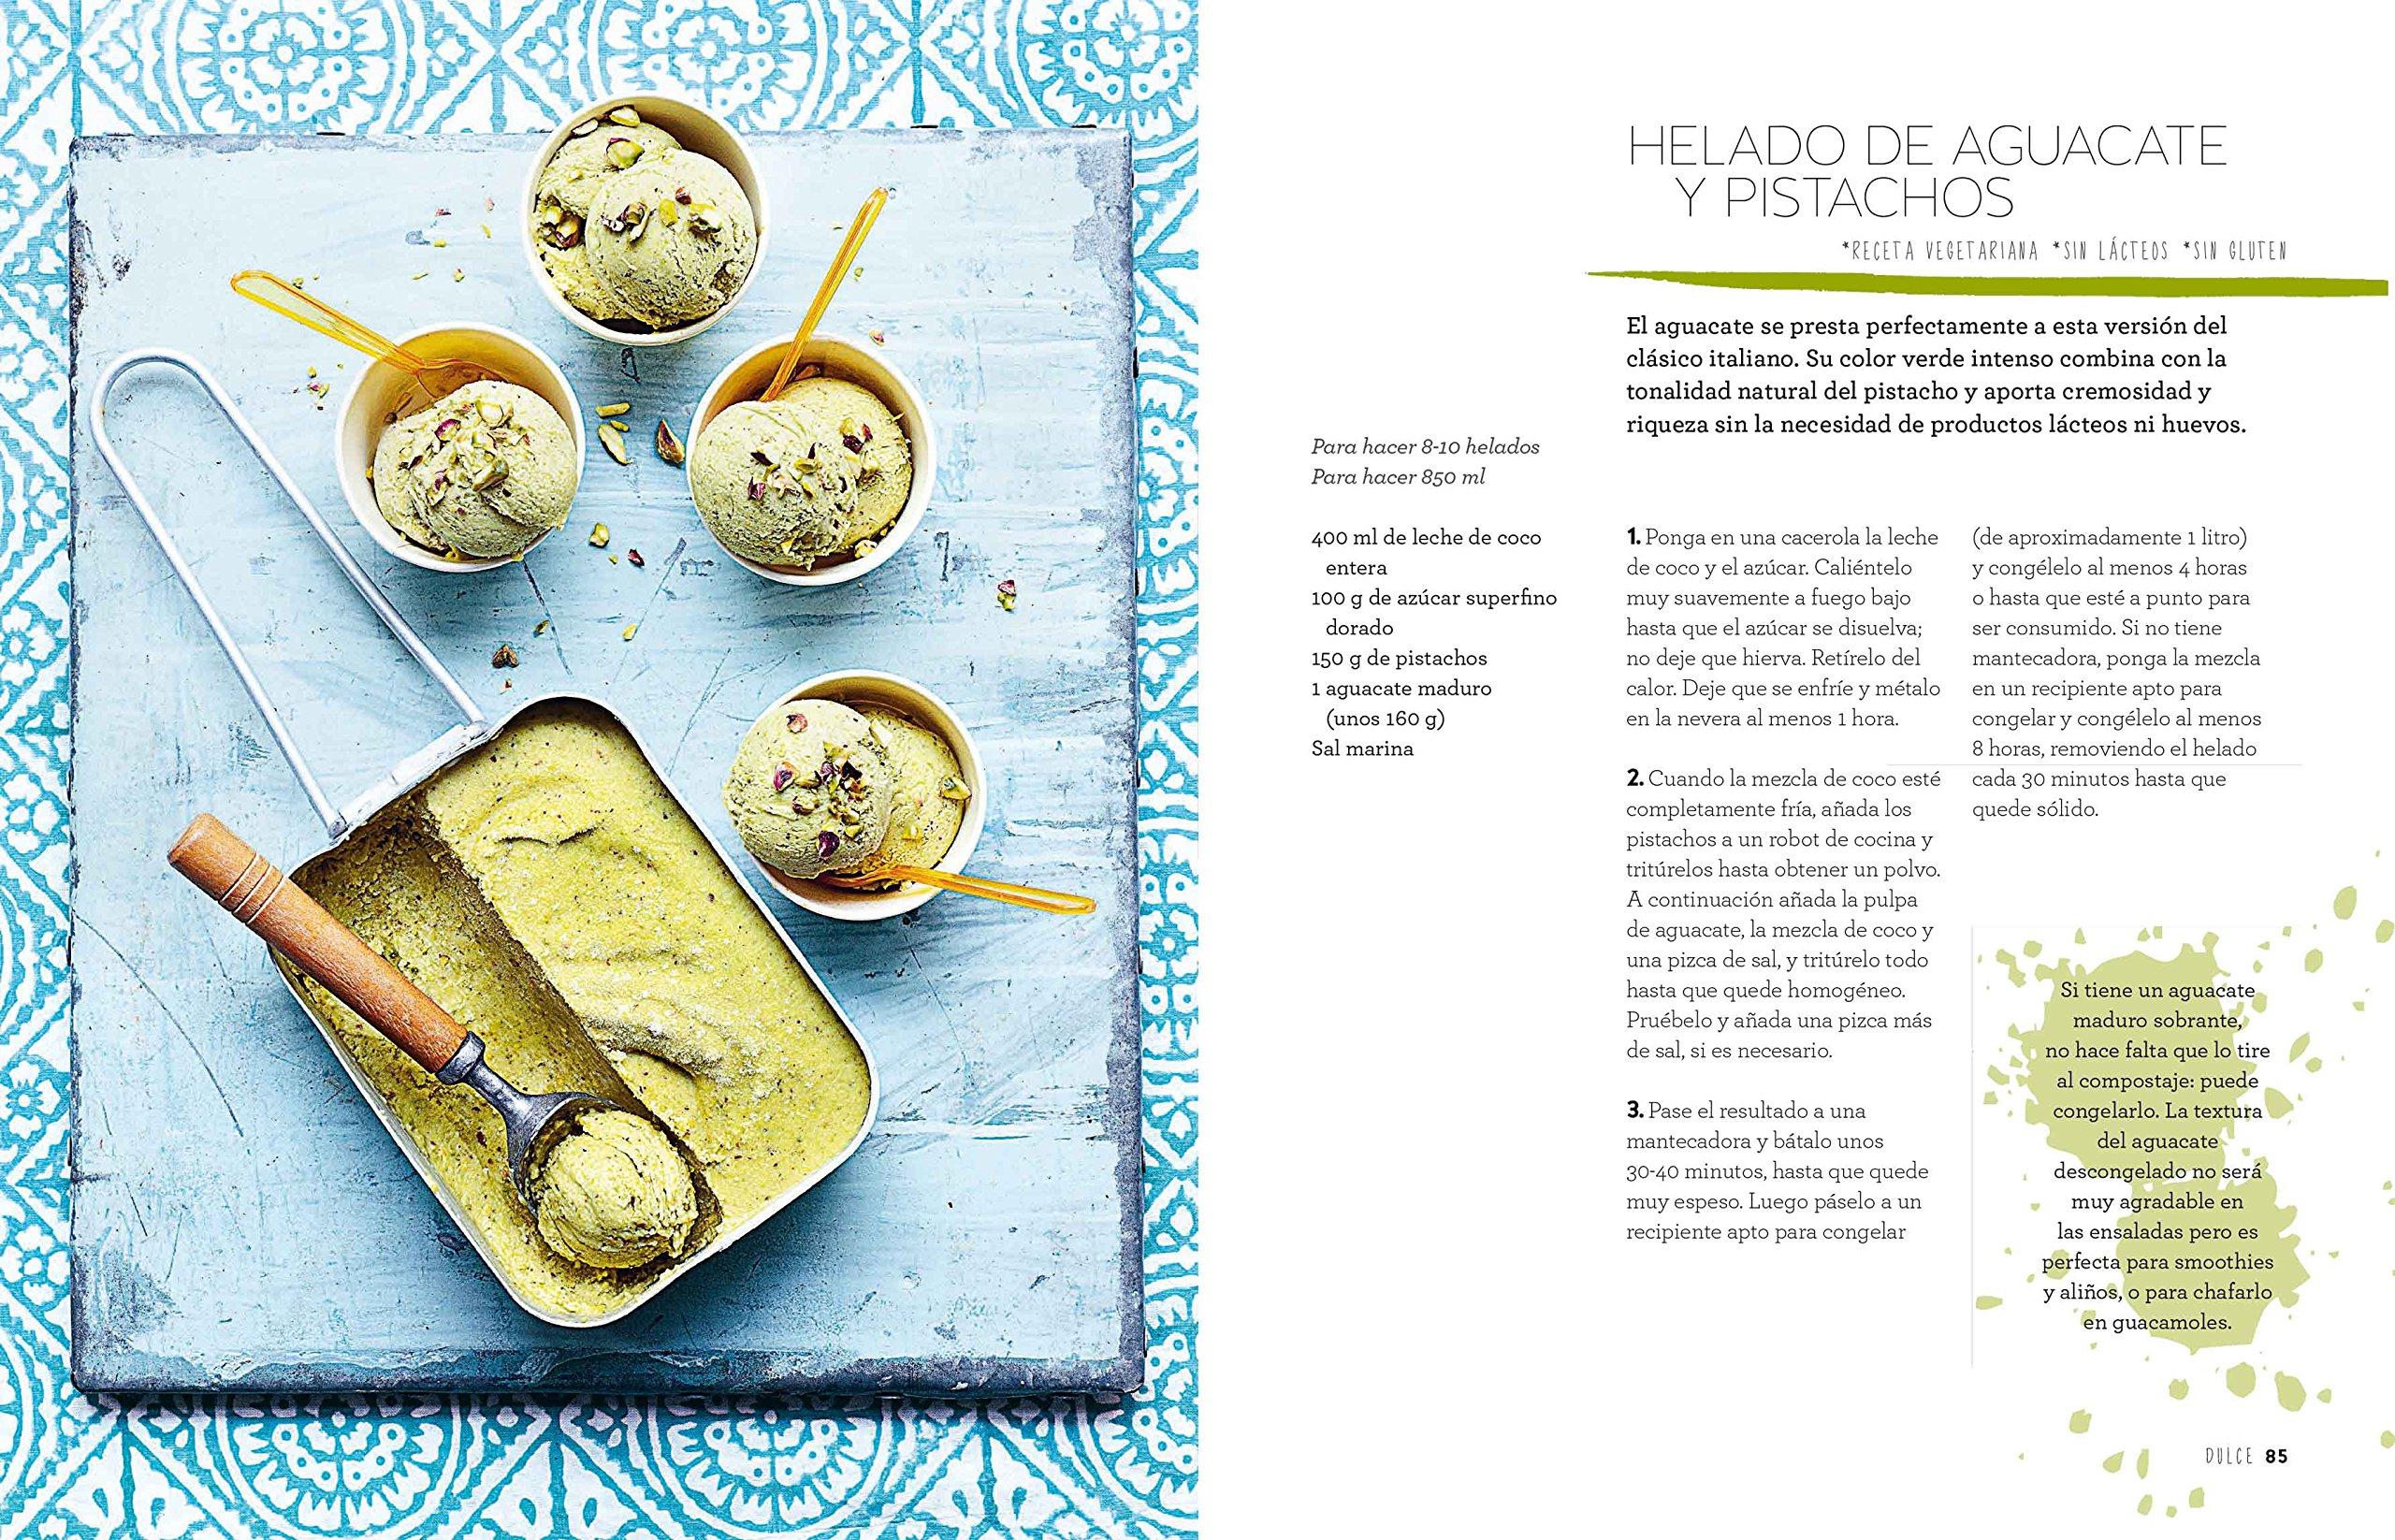 Aguacate: 40 recetas deliciosas y saludables: Lucy Jessop: 9788416407262: Amazon.com: Books